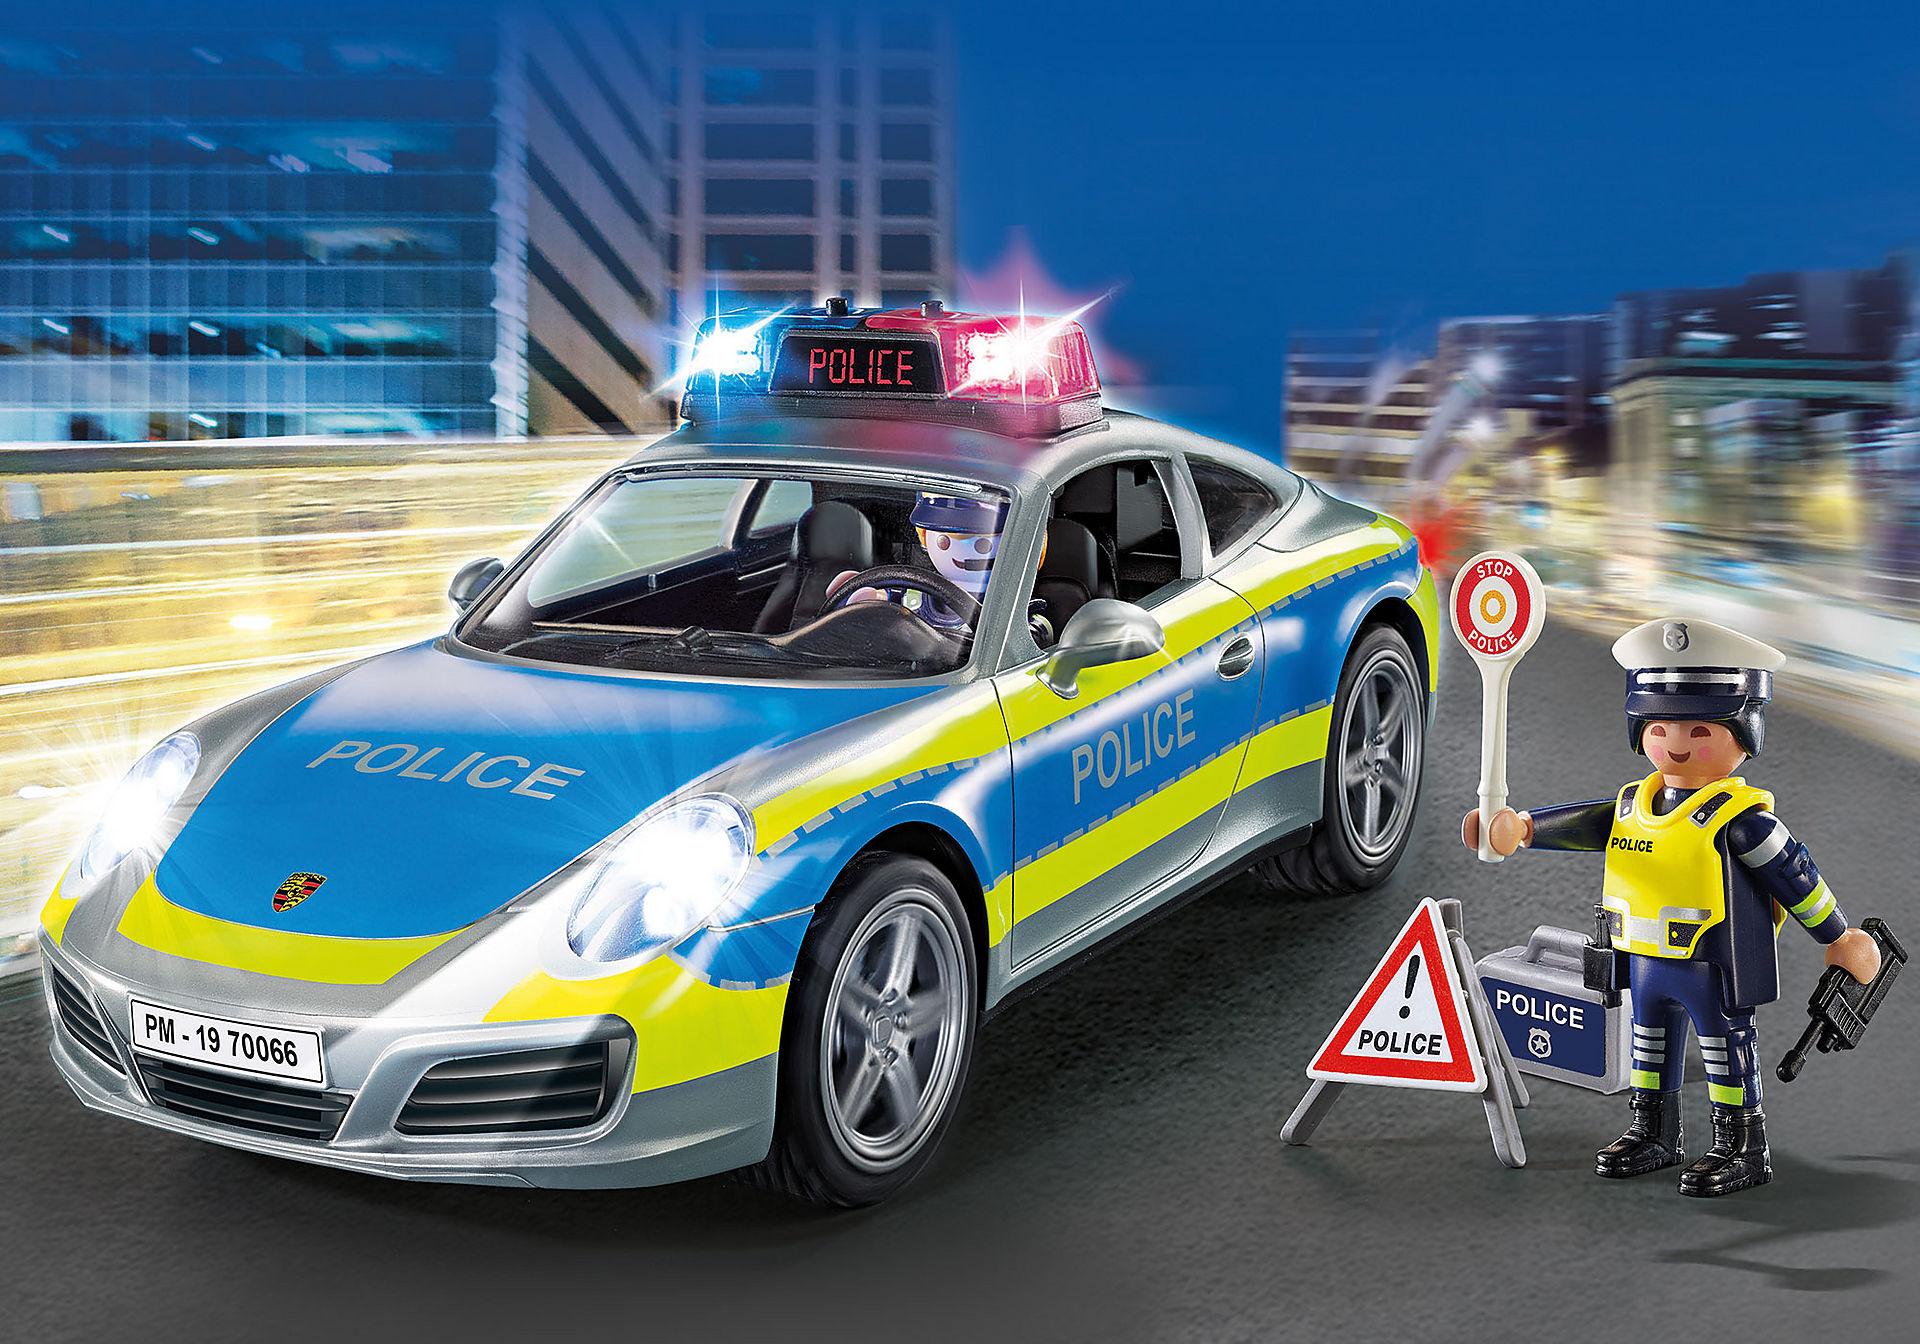 70066 Porsche 911 Carrera 4S da Polícia zoom image1